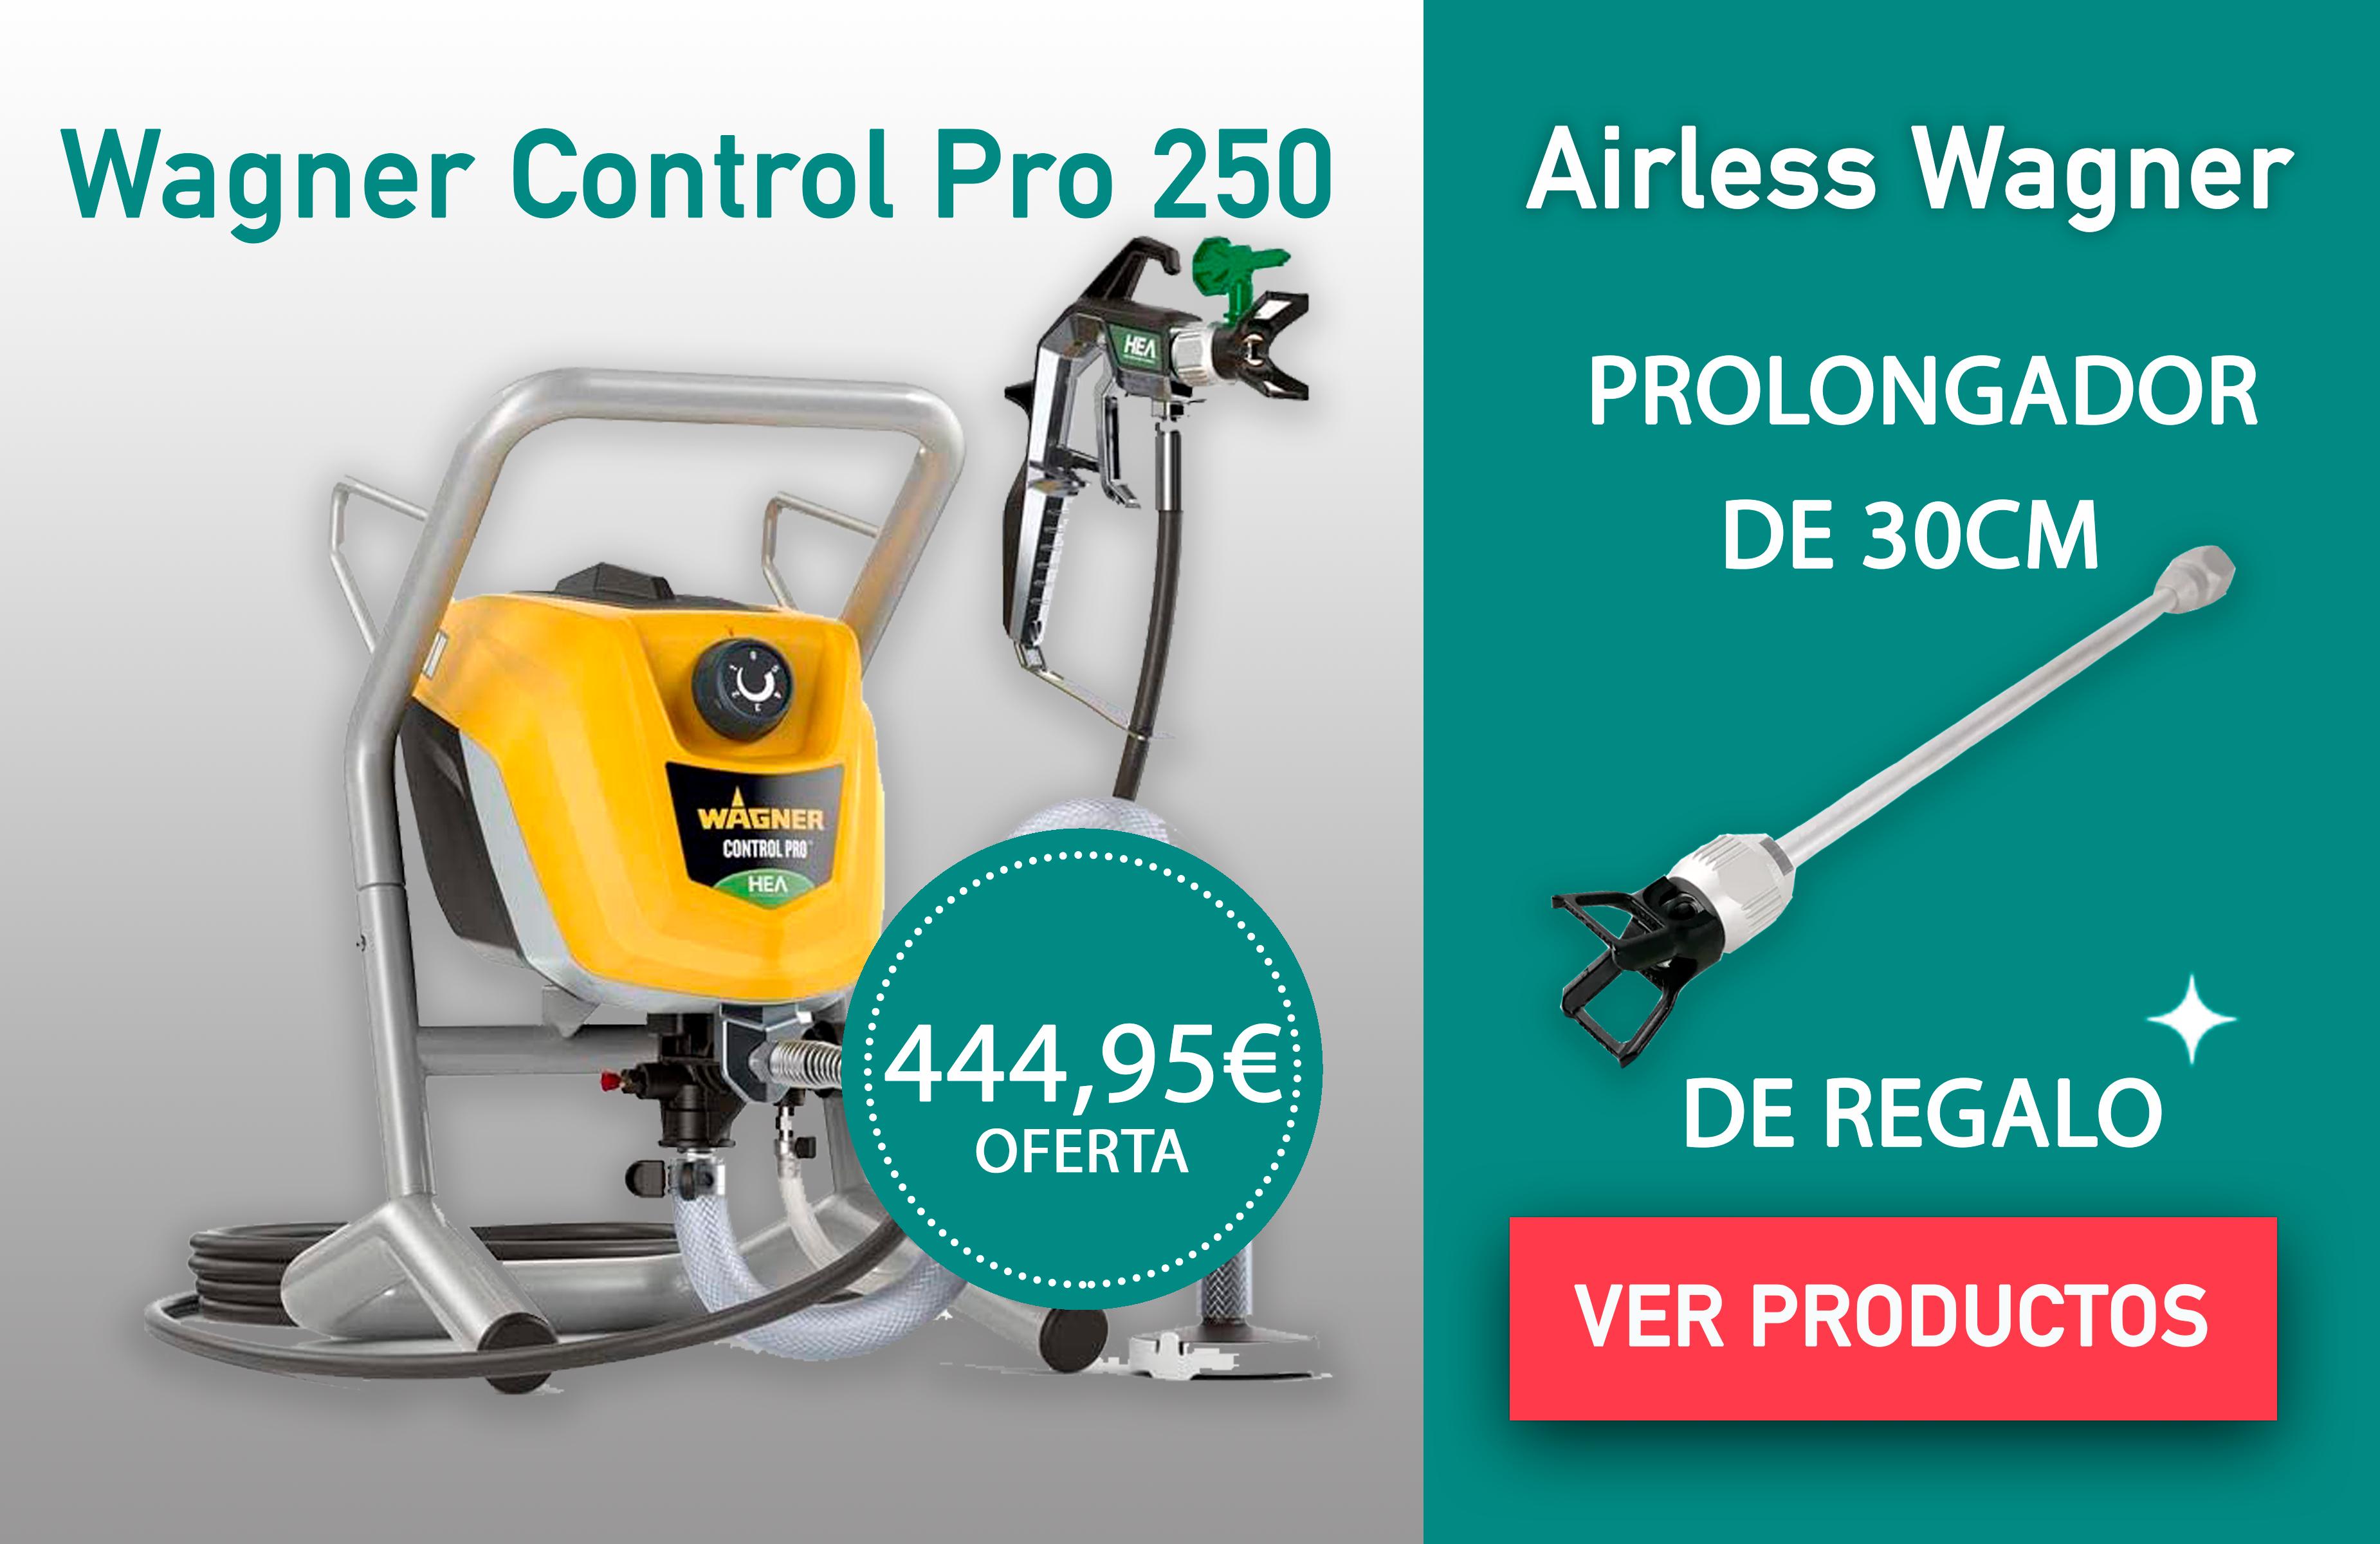 MÁQUINAS AIRLESS CONTROL PRO 250M WAGNER + PROLONGADOR 30CM DE REGALO